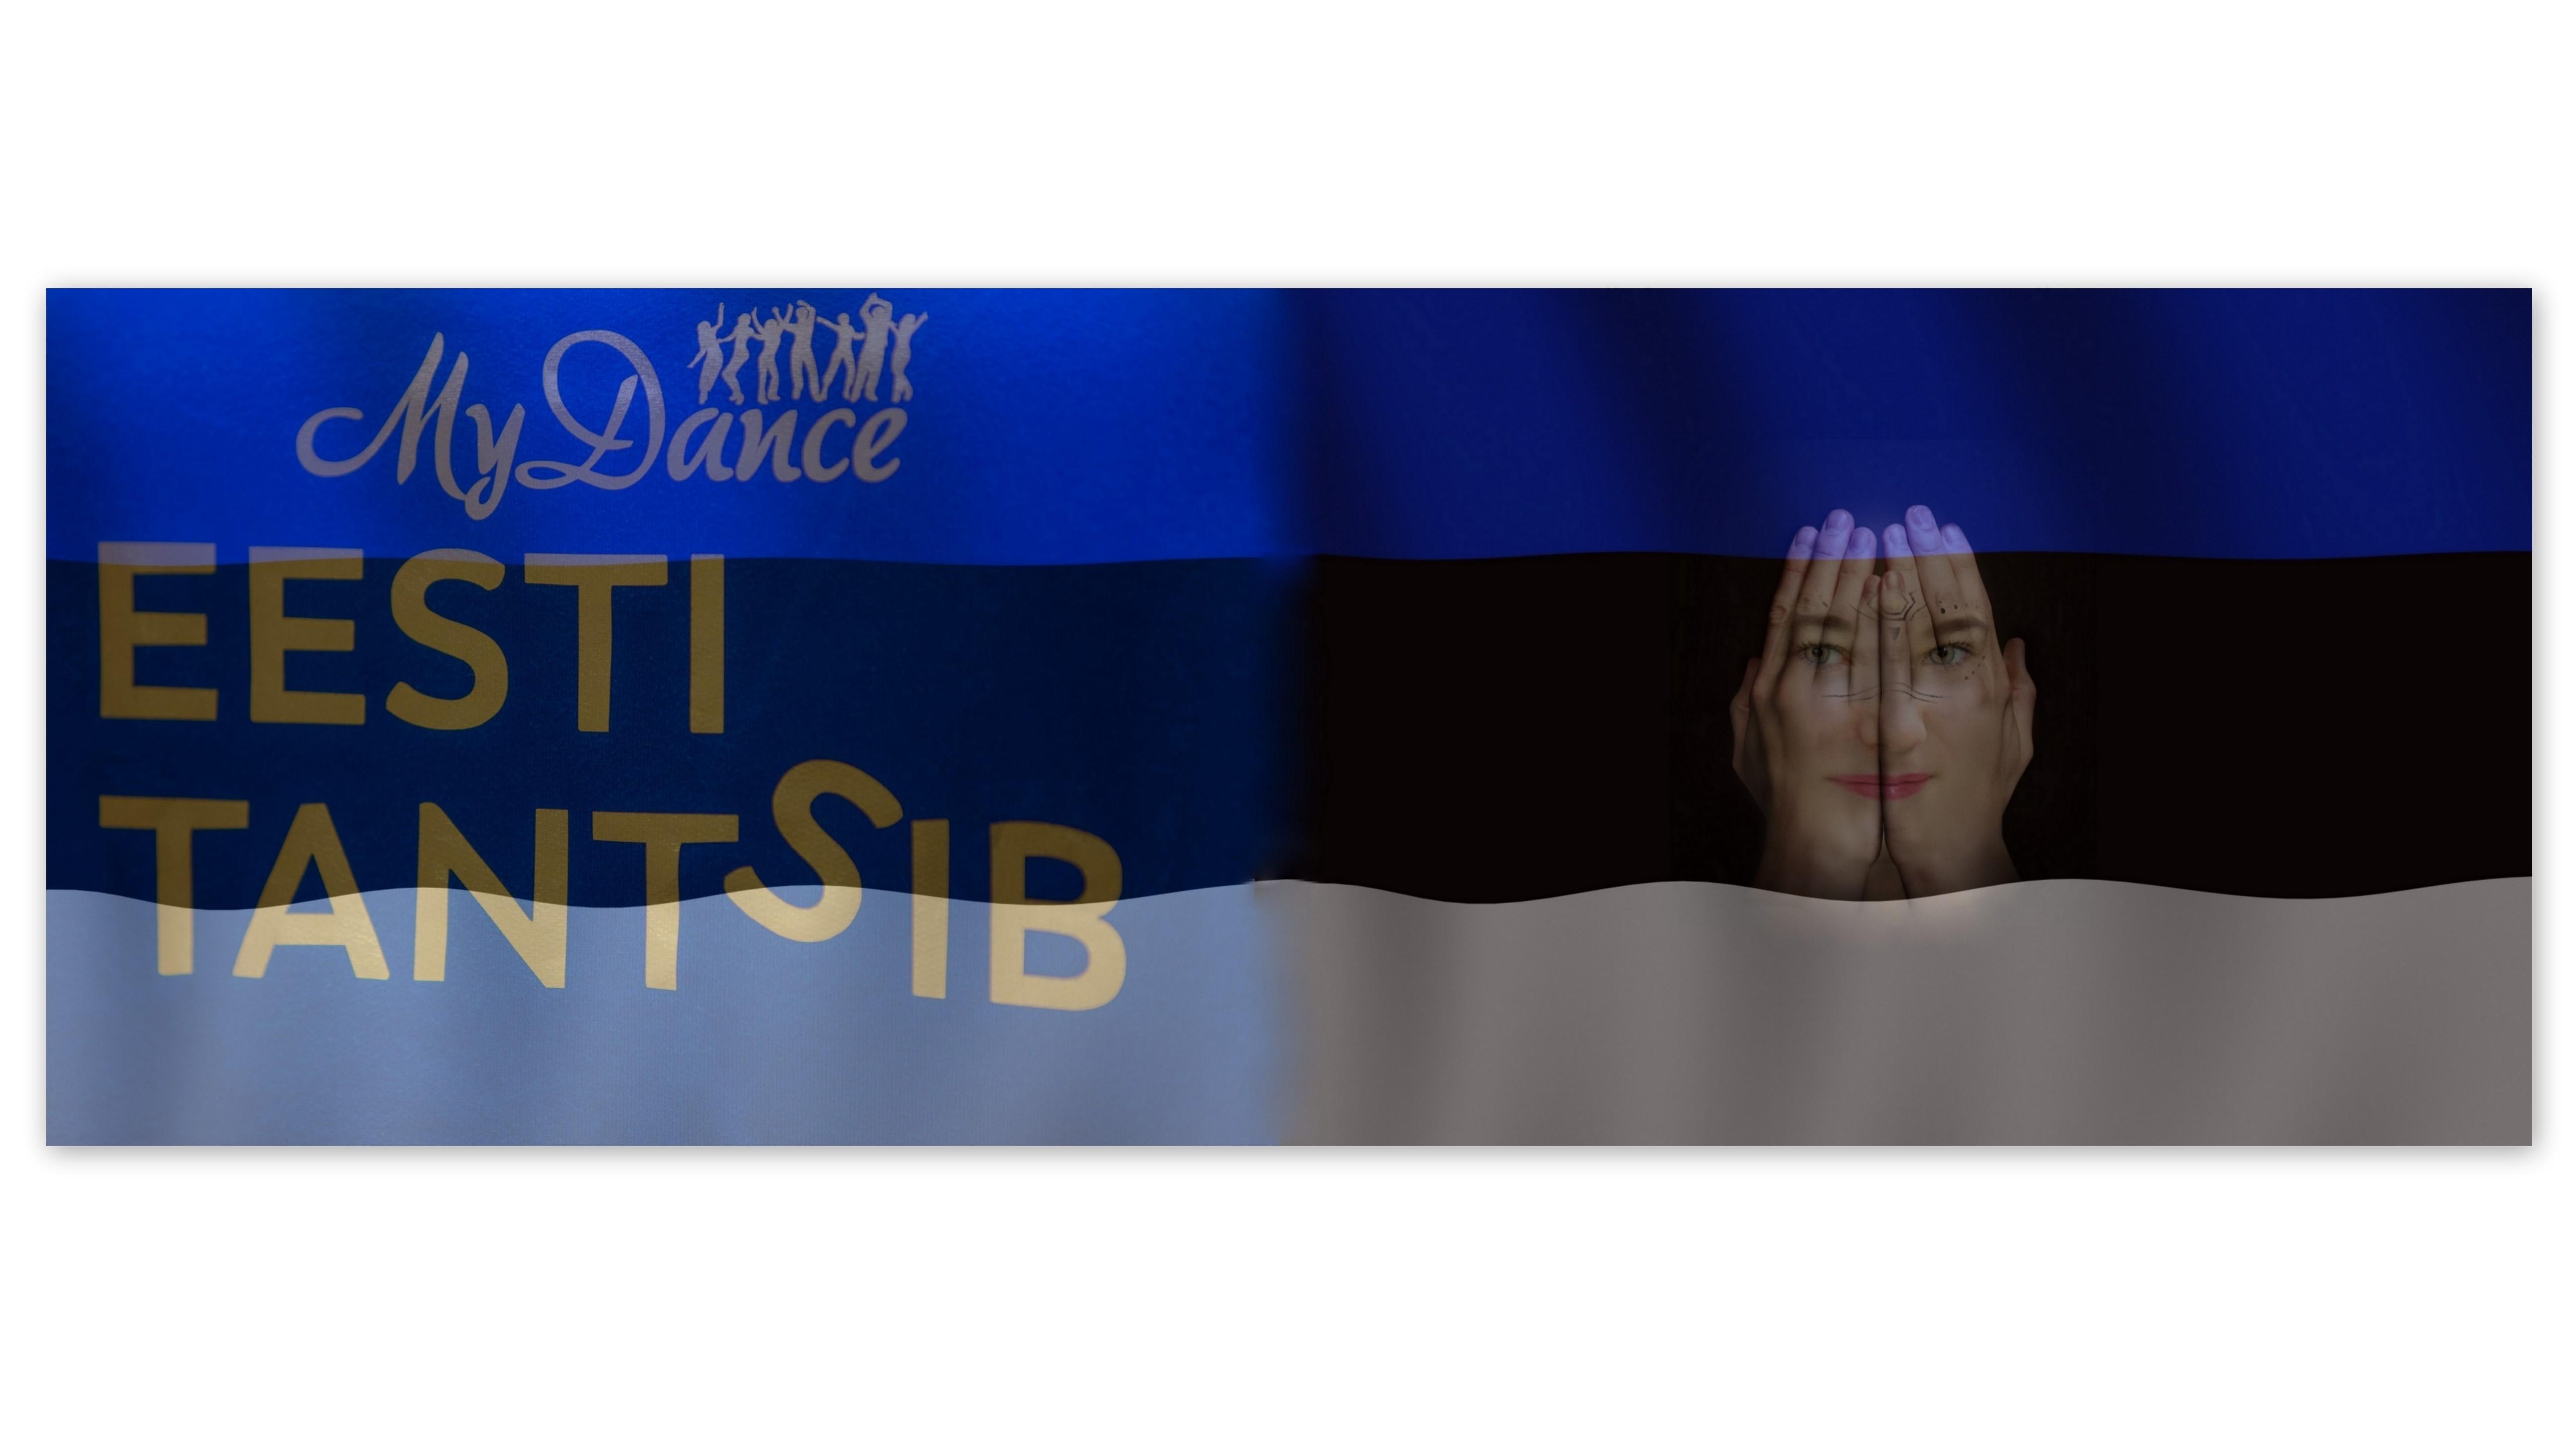 Eesti Tantsib3